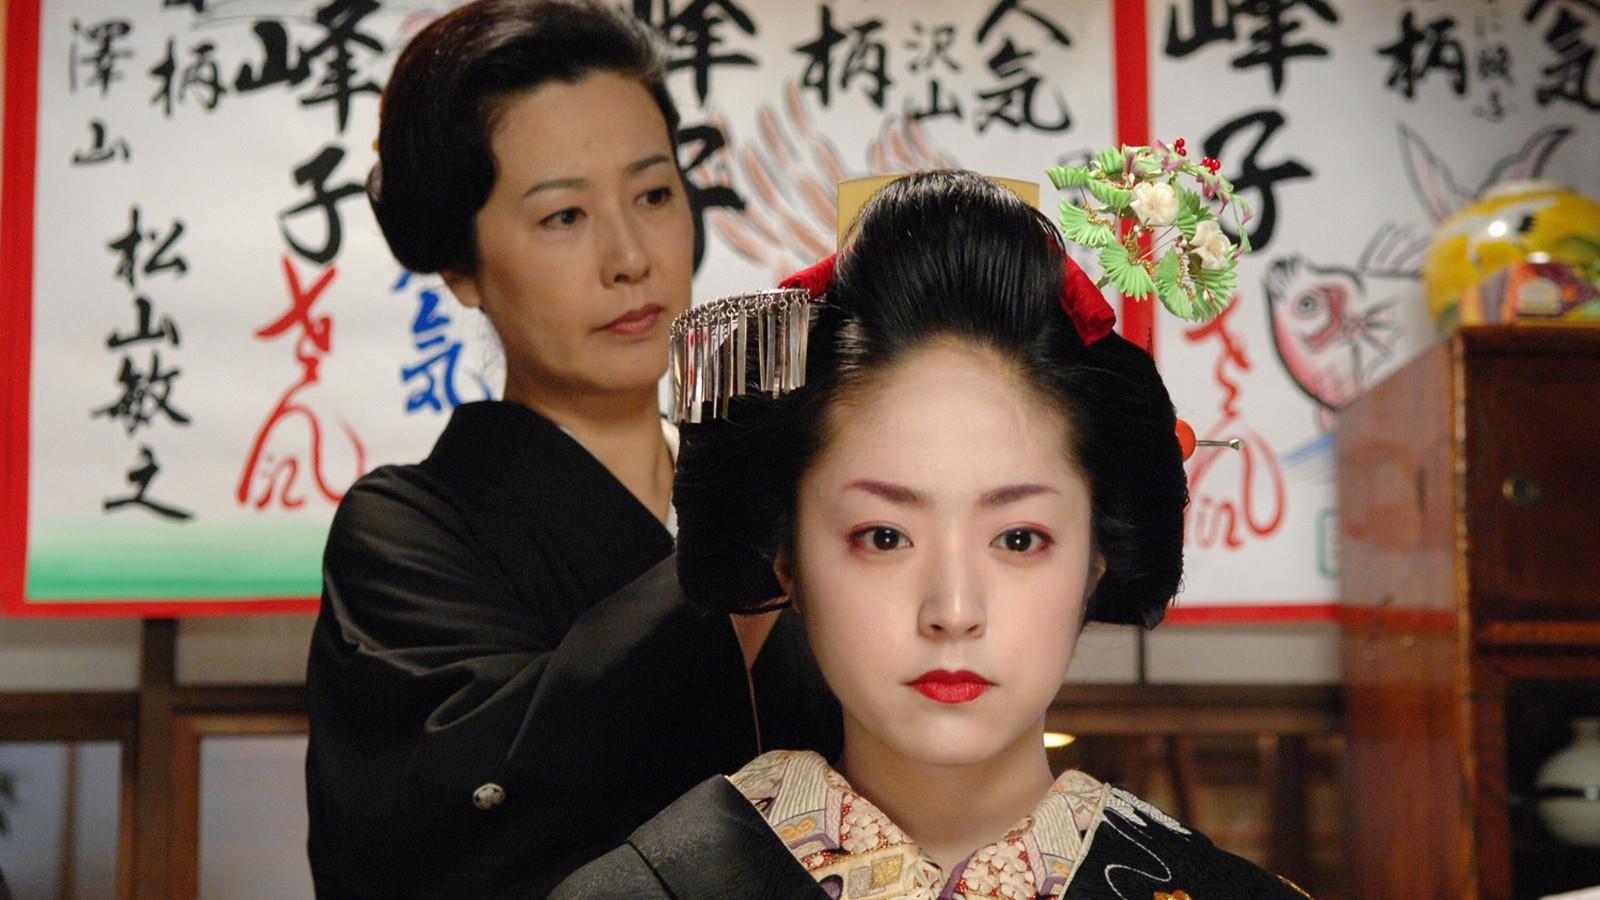 花いくさ〜京都祇園伝説の芸妓・岩崎峰子〜の井上真央